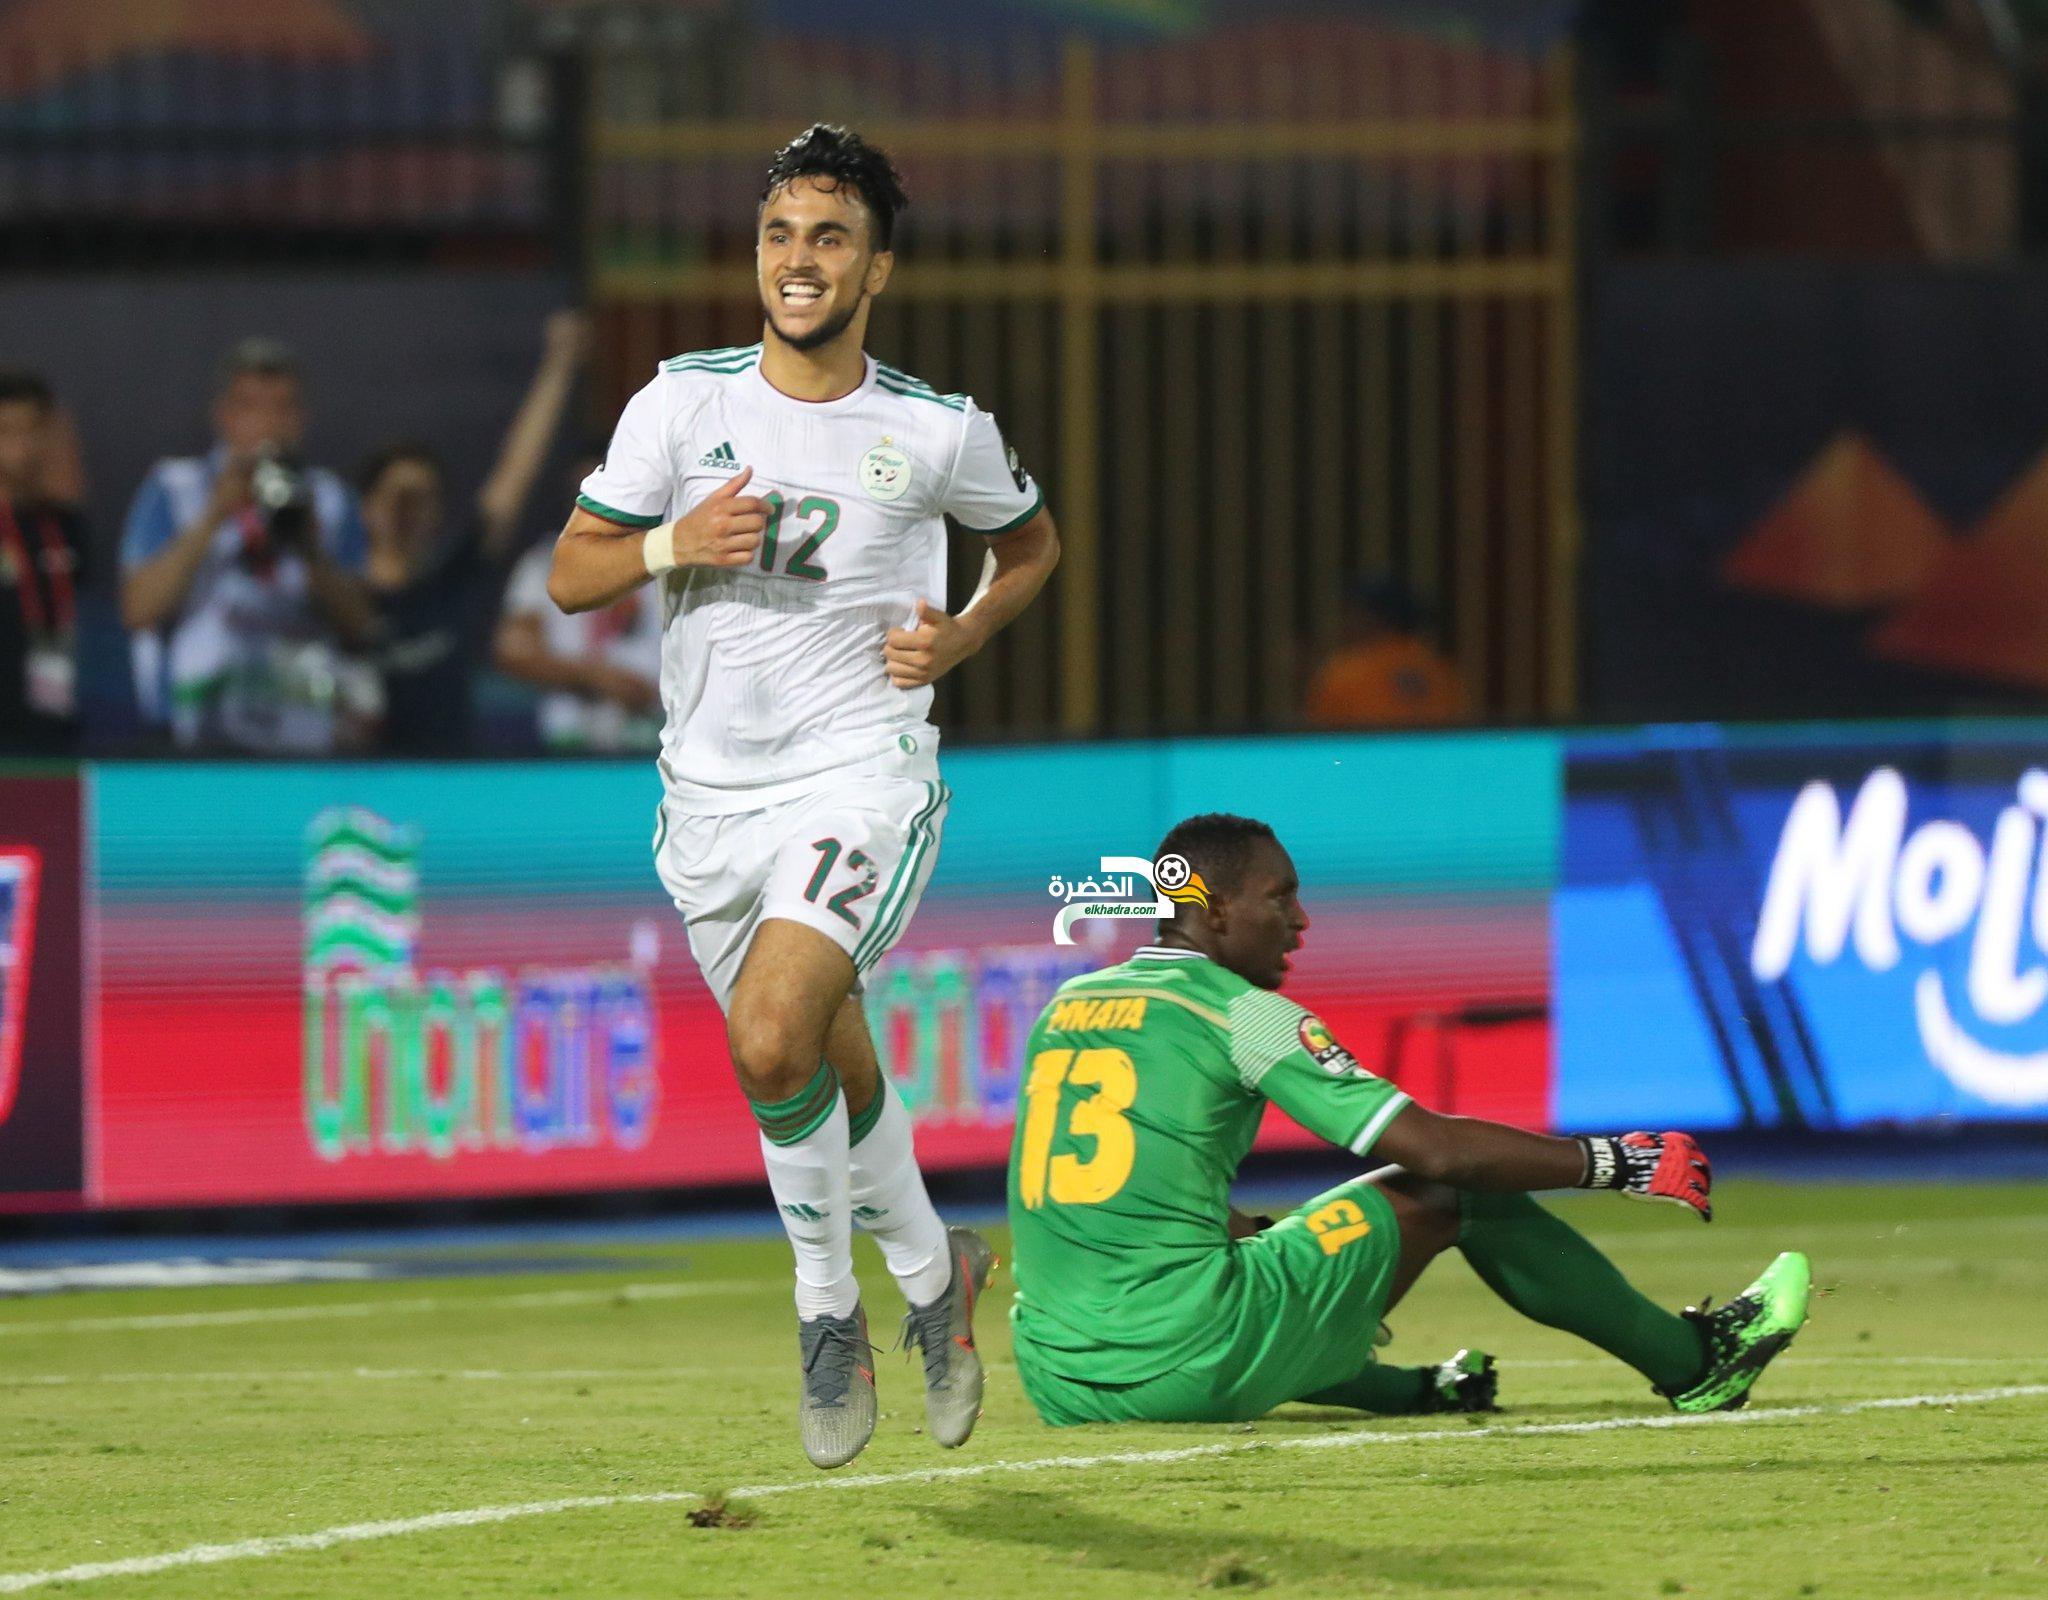 اهداف مباراة الجزائر وتنزانيا - 3 - 0 اهداف عالمية 24